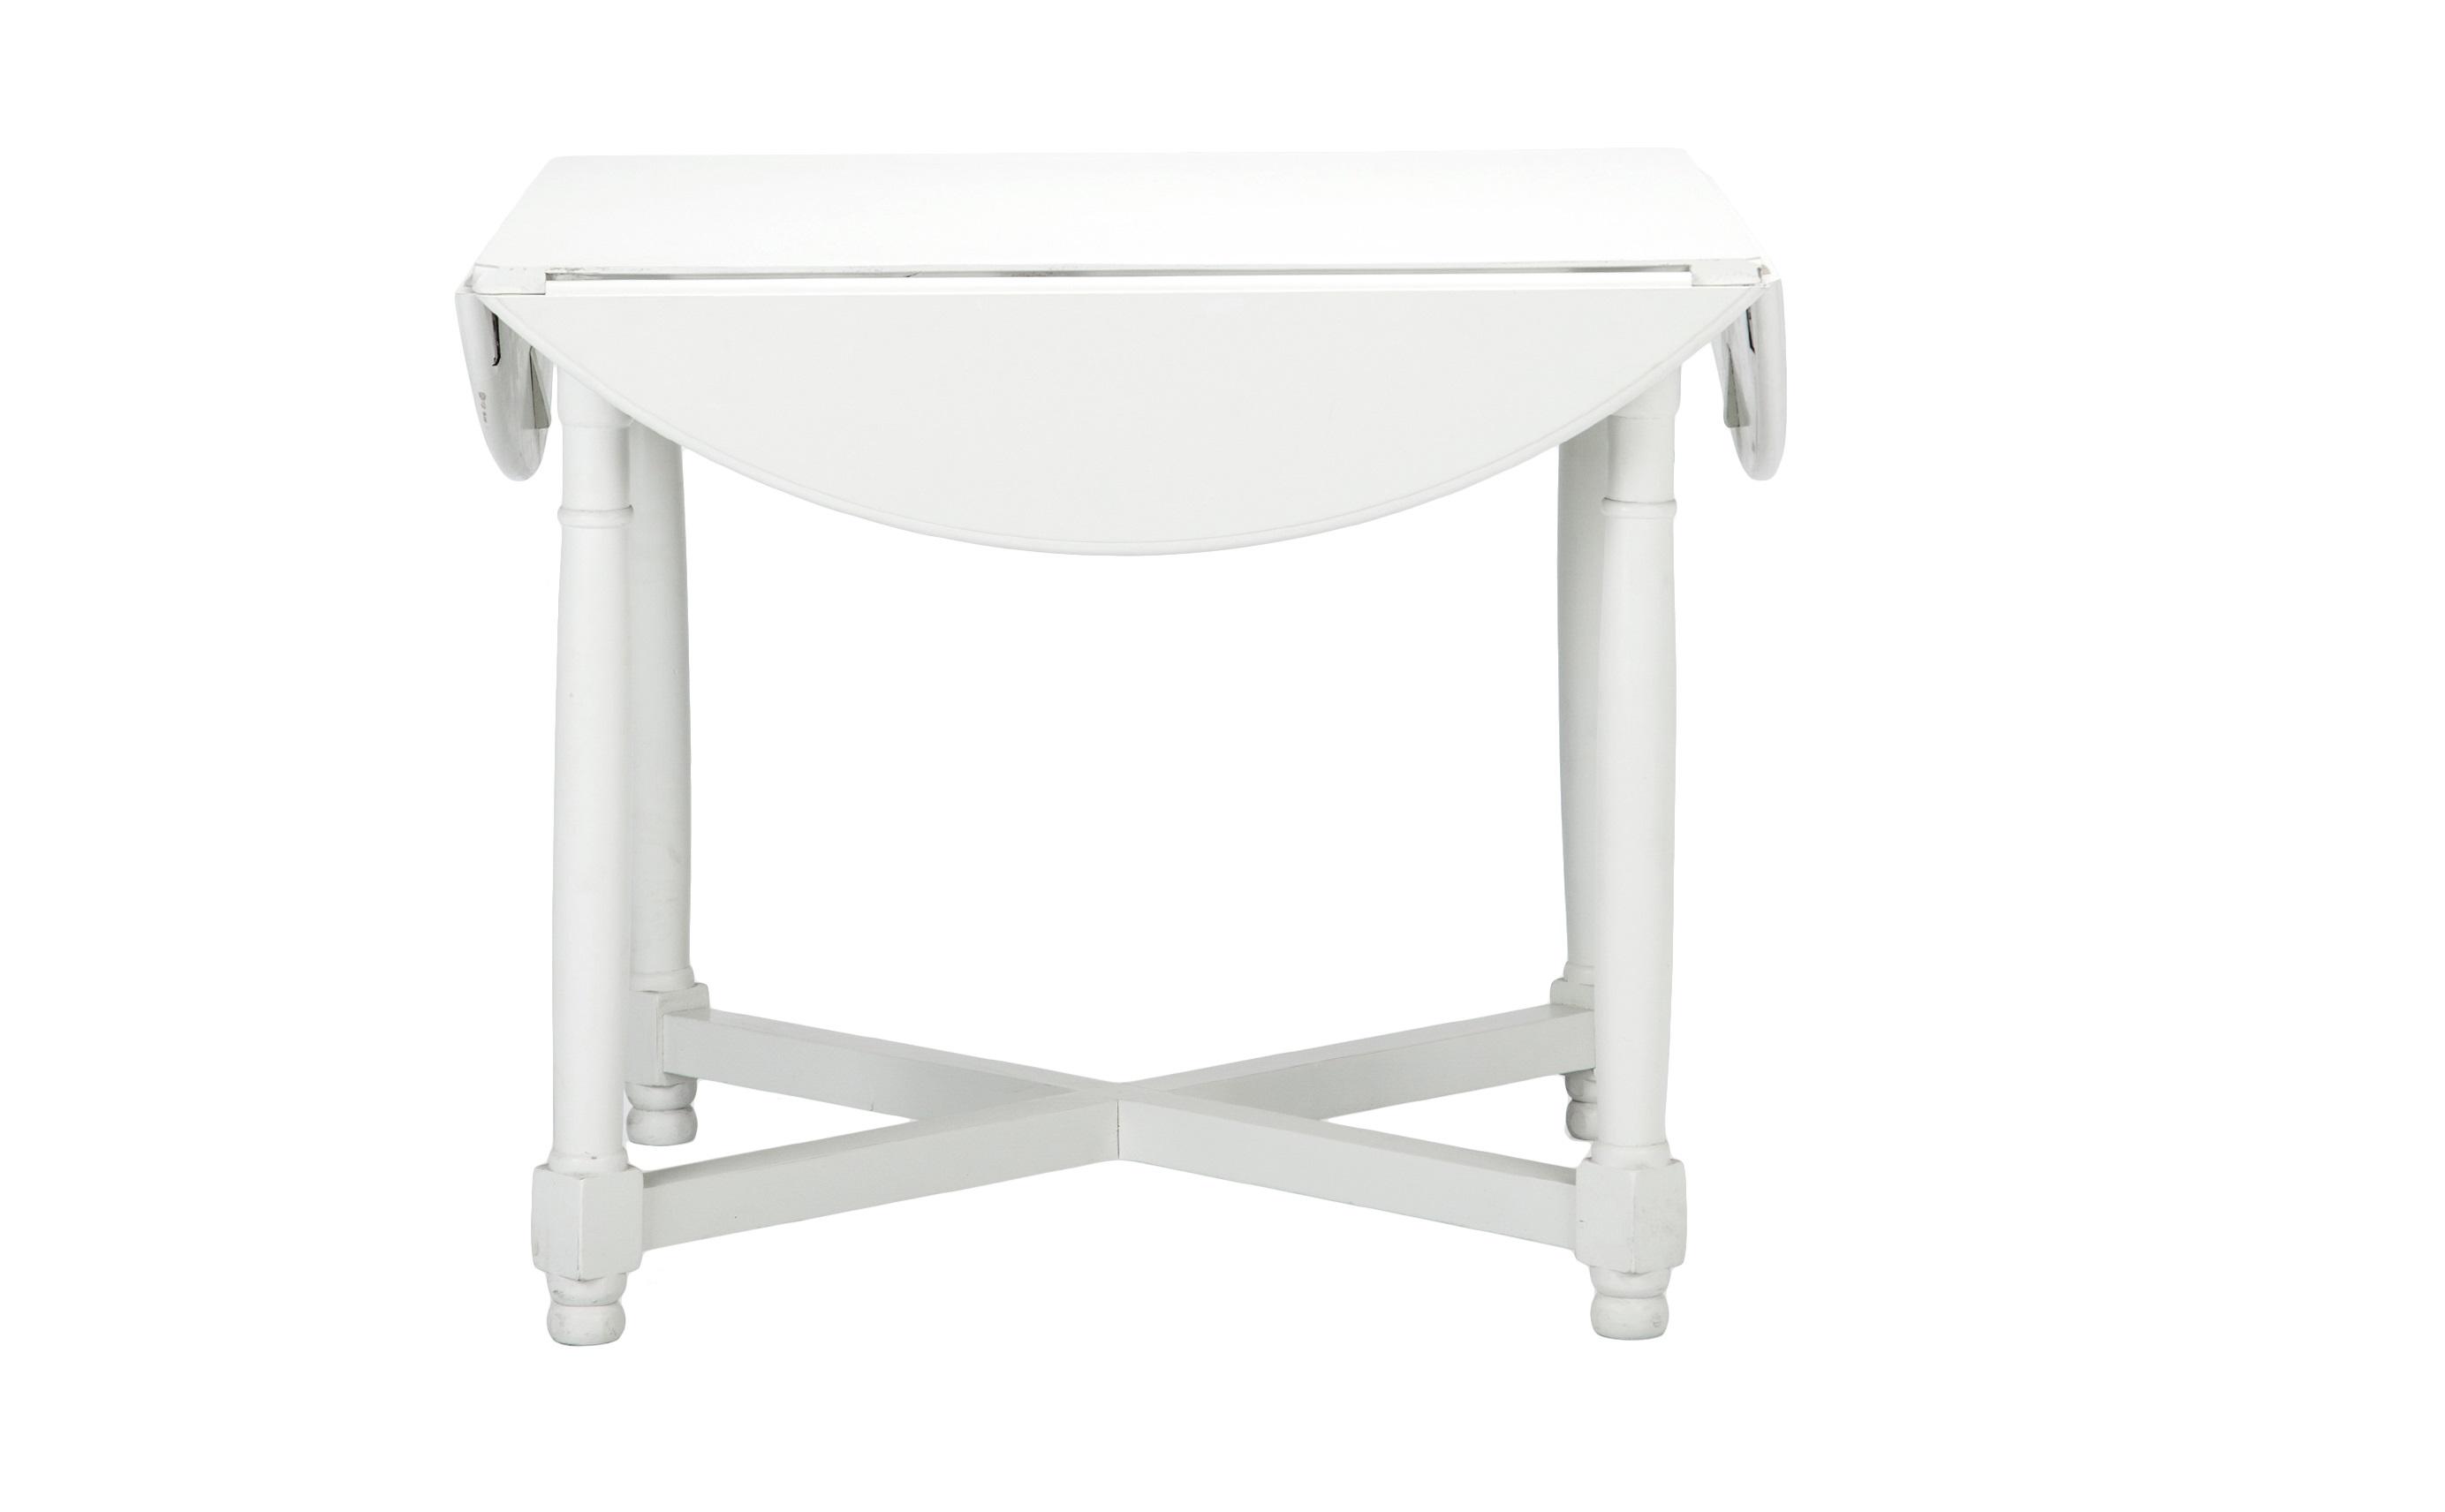 Стол обеденный круглый складнойОбеденные столы<br>Стол обеденный круглый на четырех ножках из березы, складывается в квадратный.<br><br>Material: Береза<br>Length см: None<br>Width см: 92<br>Depth см: 92<br>Height см: 77